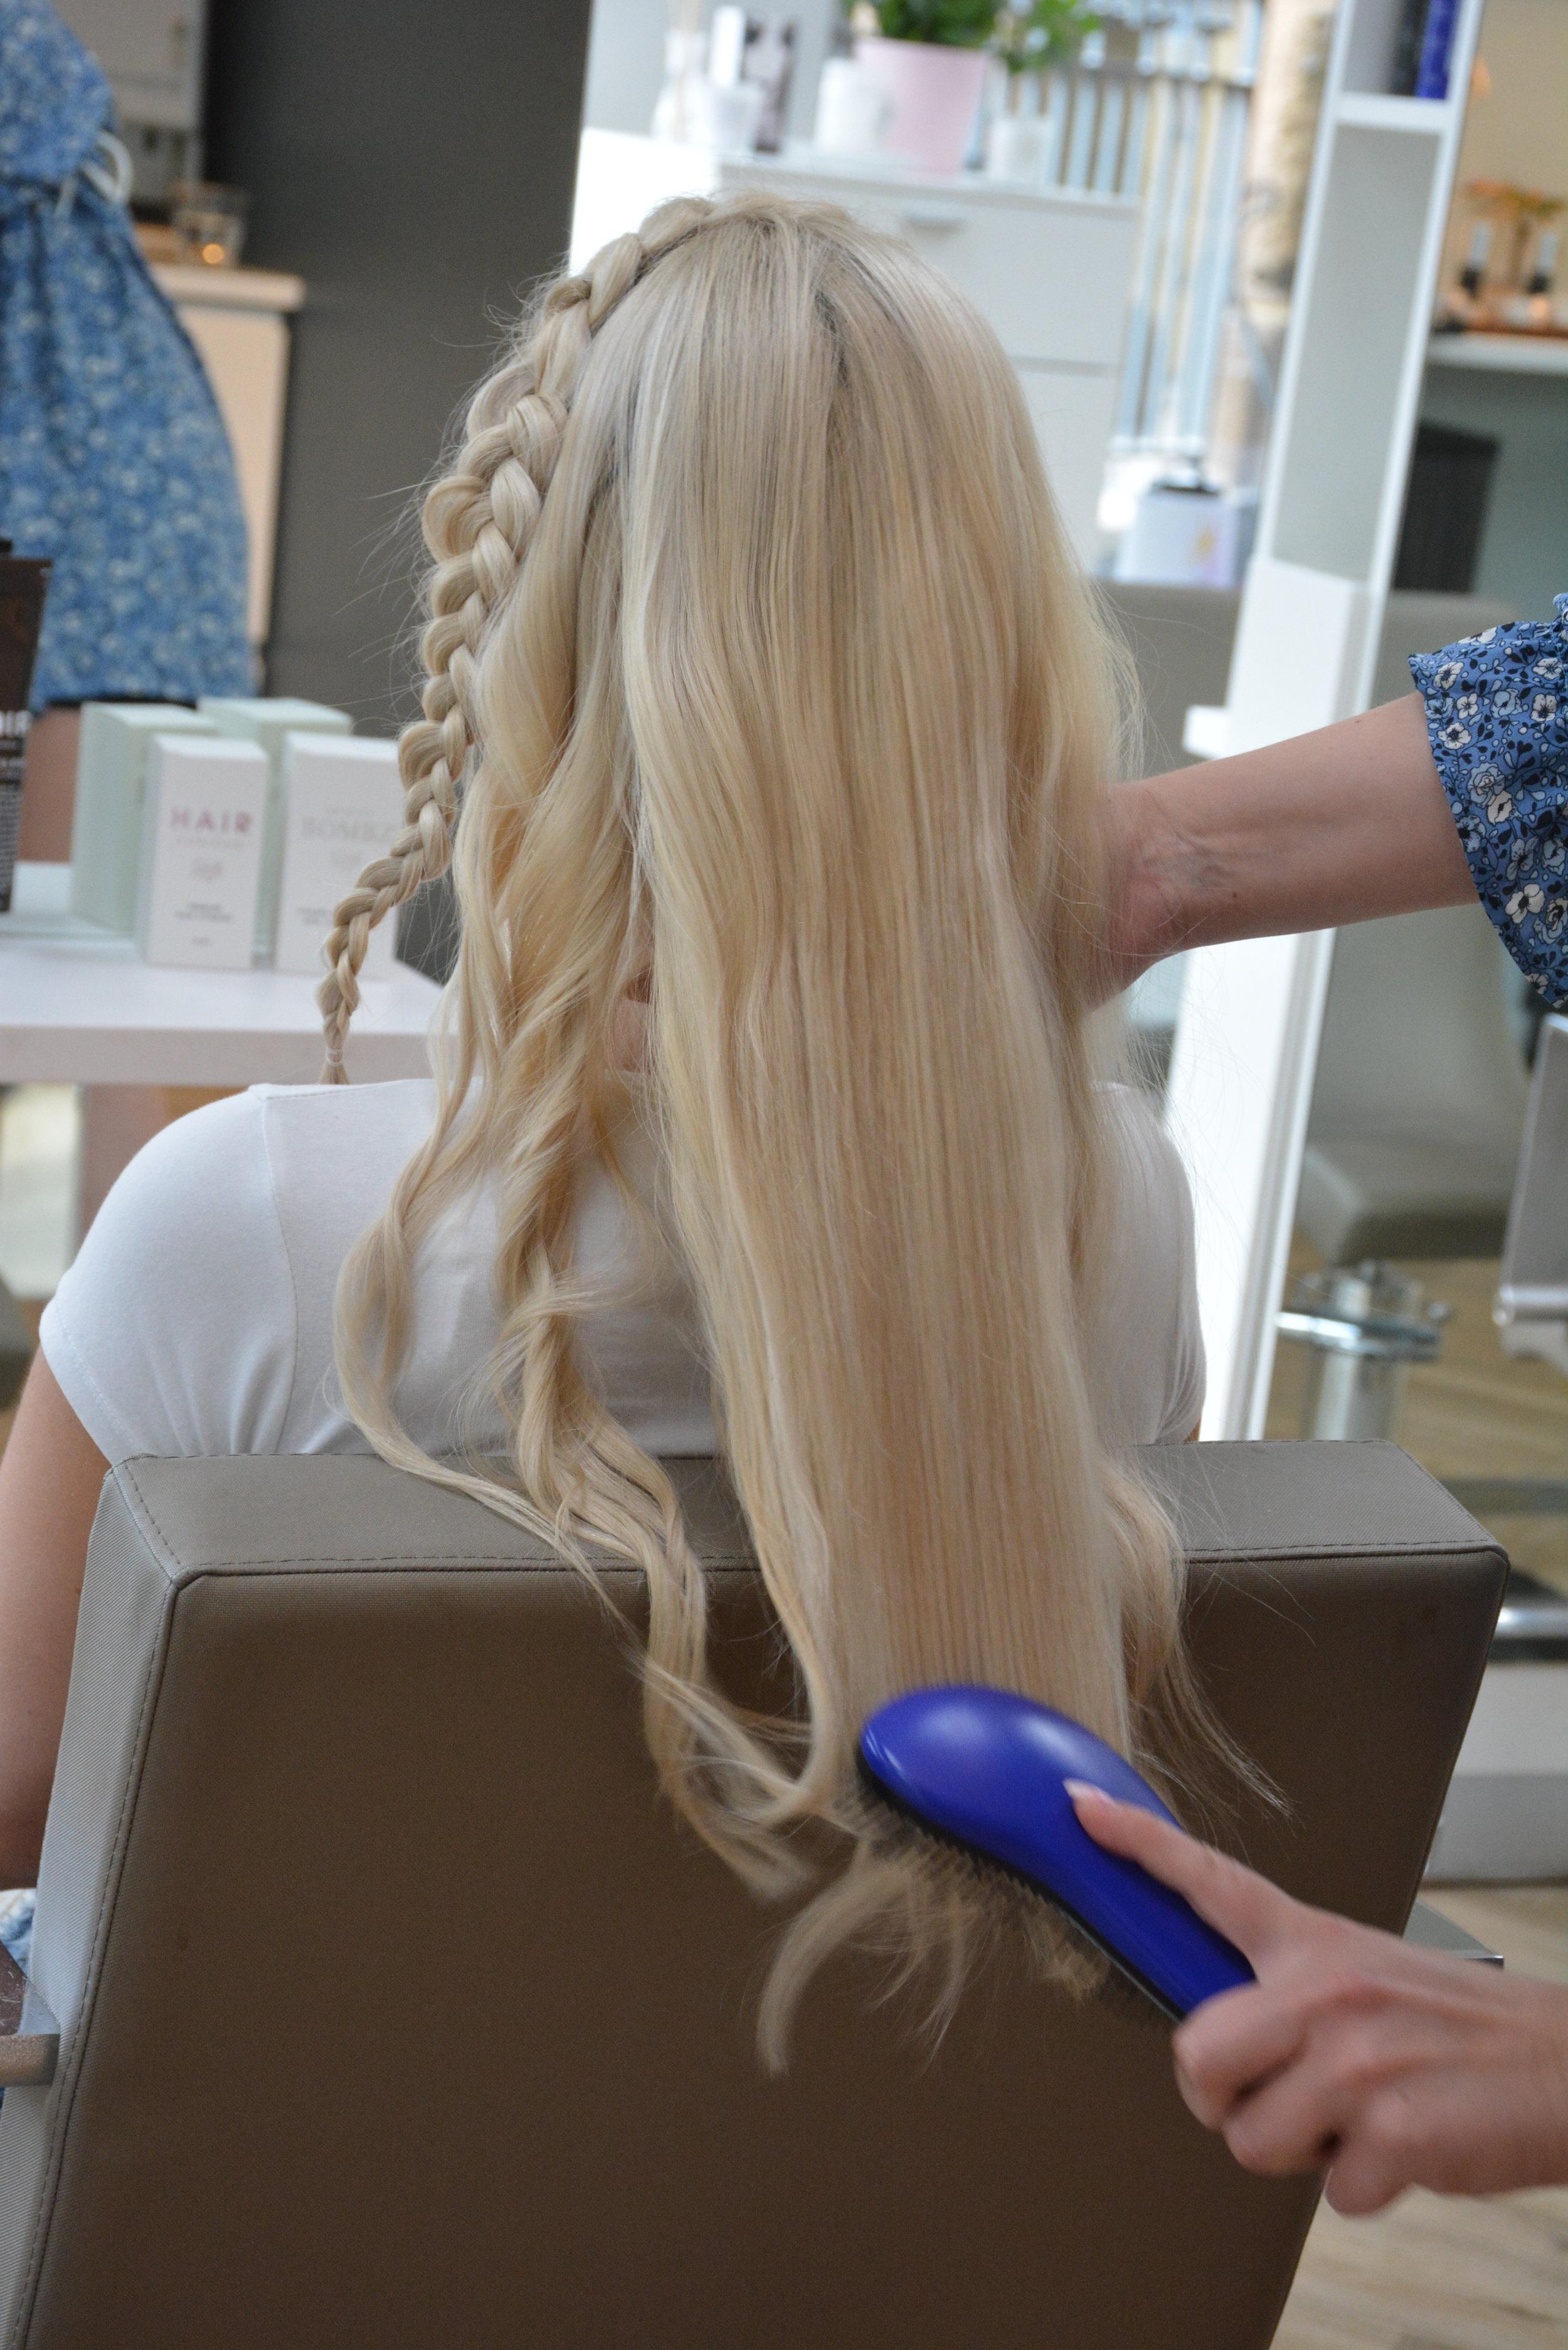 Vent til håret har blitt kaldt, og spray håret med Noir Picture Perfect for å få hold på bølgene. Brukt enten børste eller fingrer for å dra gjennom håret til slutt.